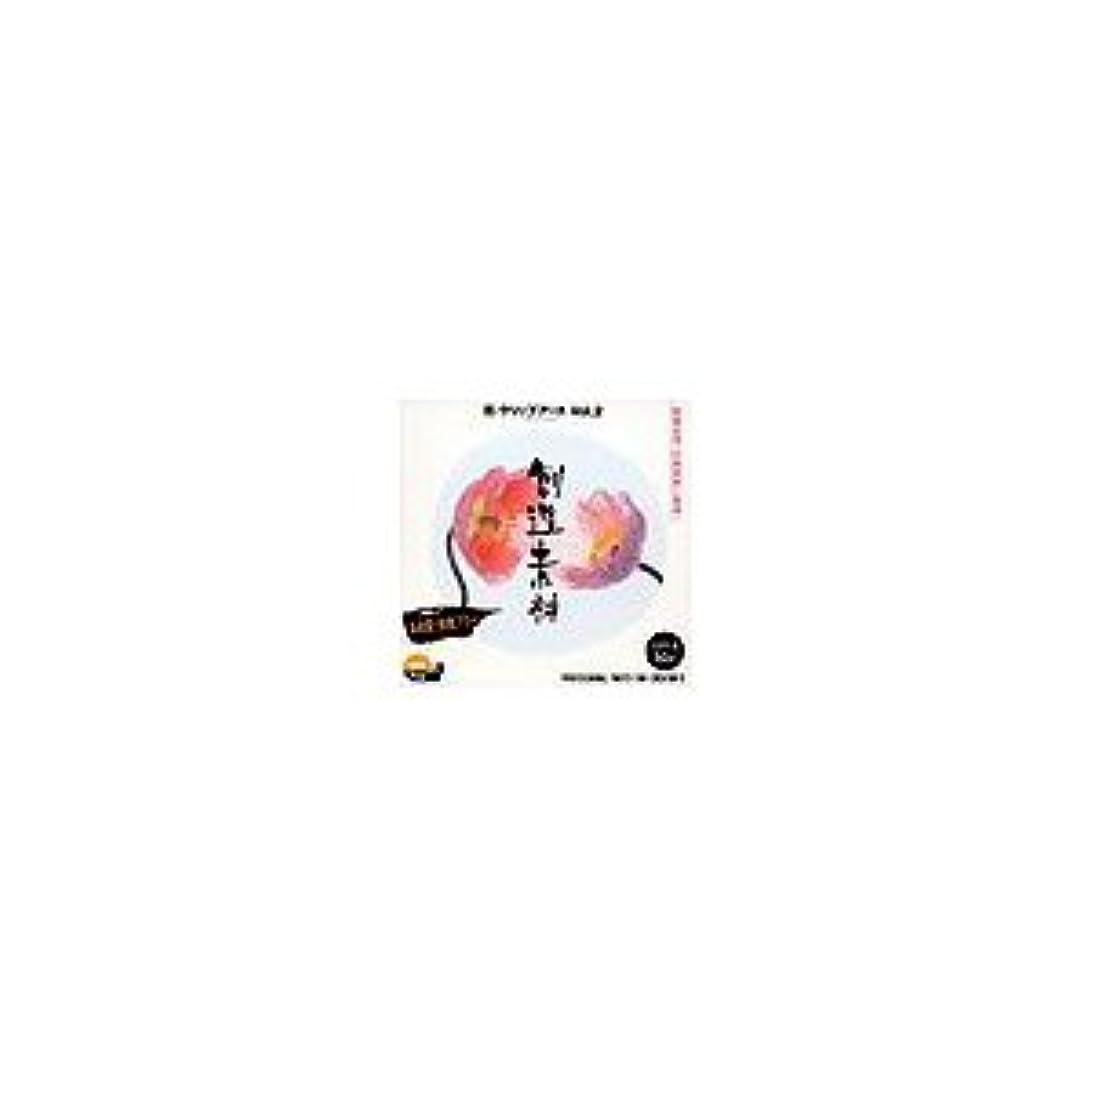 狐苦しむピニオン写真素材 創造素材 花/クリップアート Vol.2-ホワイトバック- ds-68165